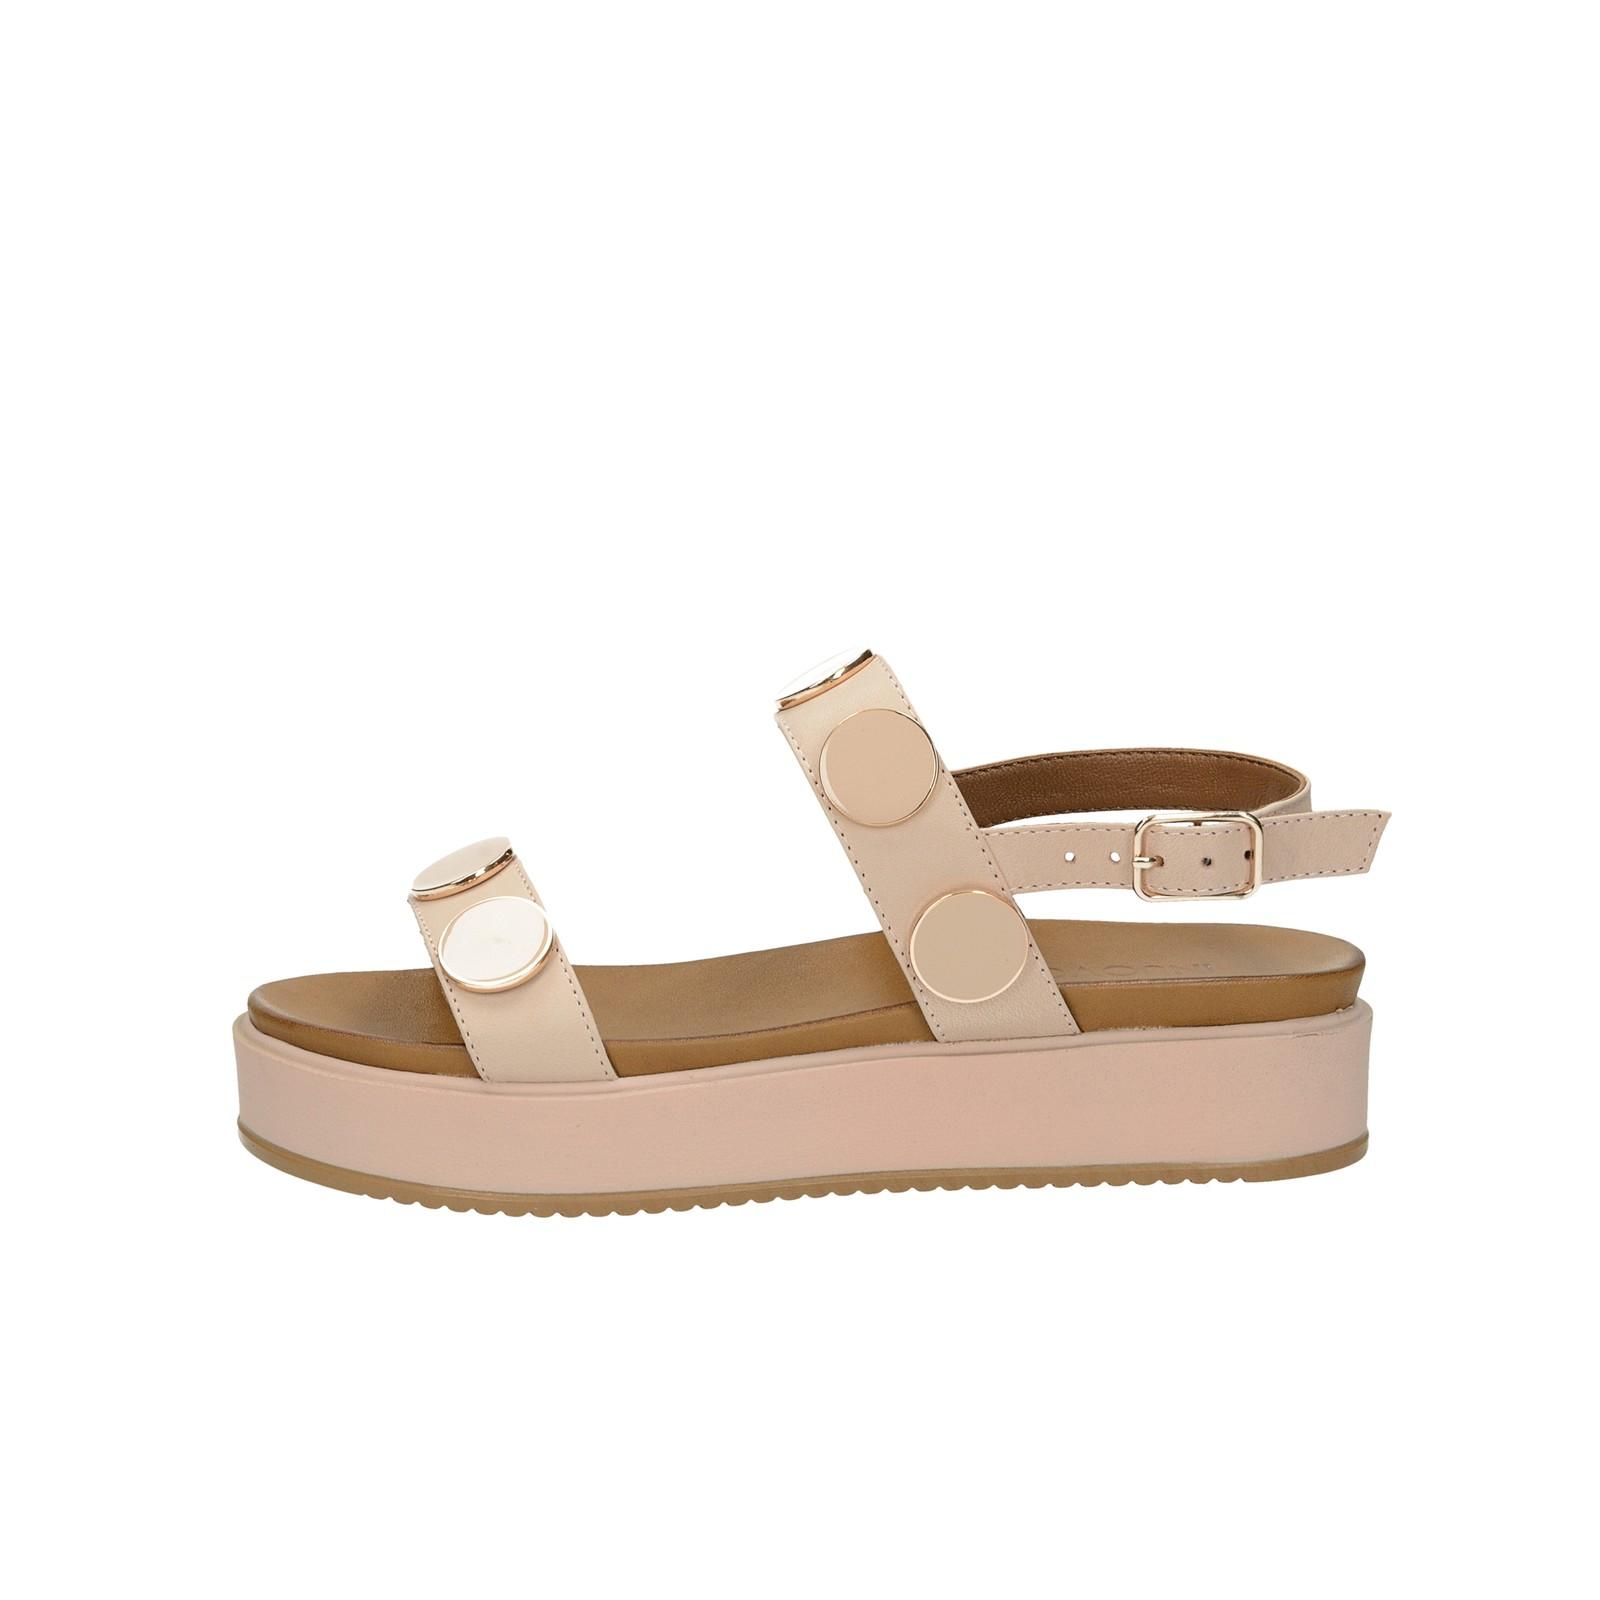 Inuovo dámské kožené stylové sandály - lososové